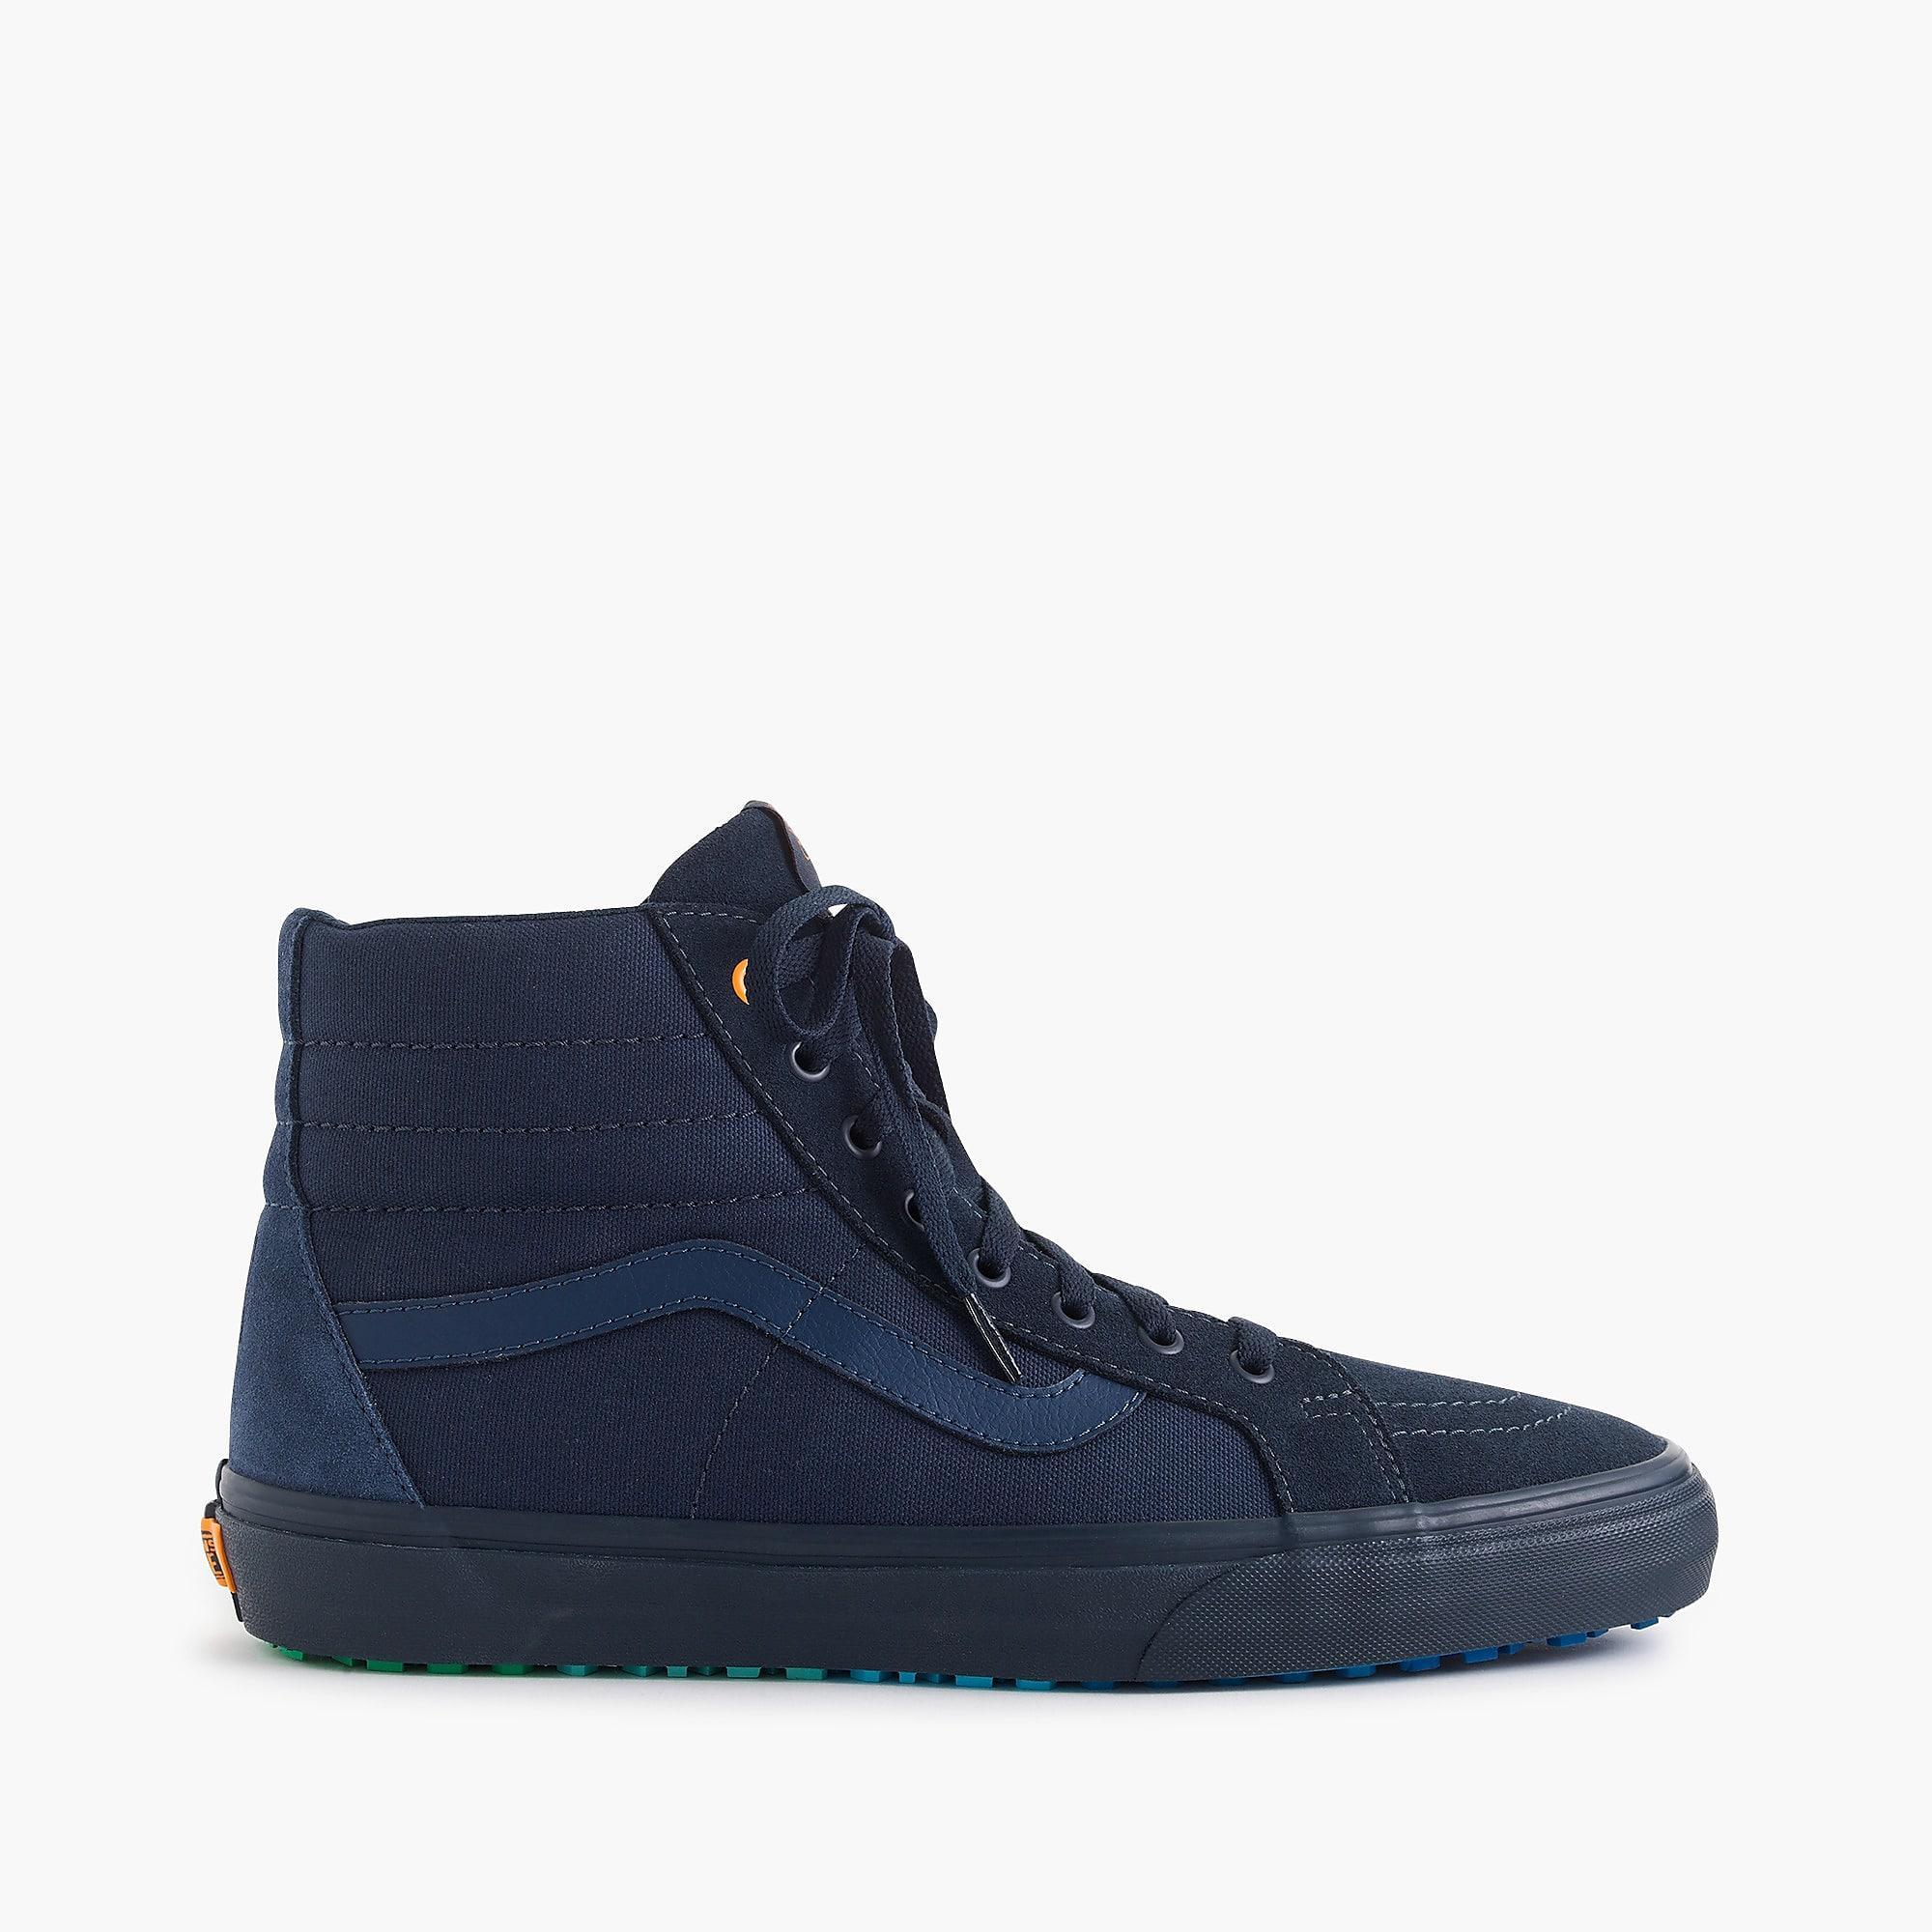 18774654b78af6 Lyst - Vans X Hedley   Bennett Sk8 Hi Sneakers in Blue for Men